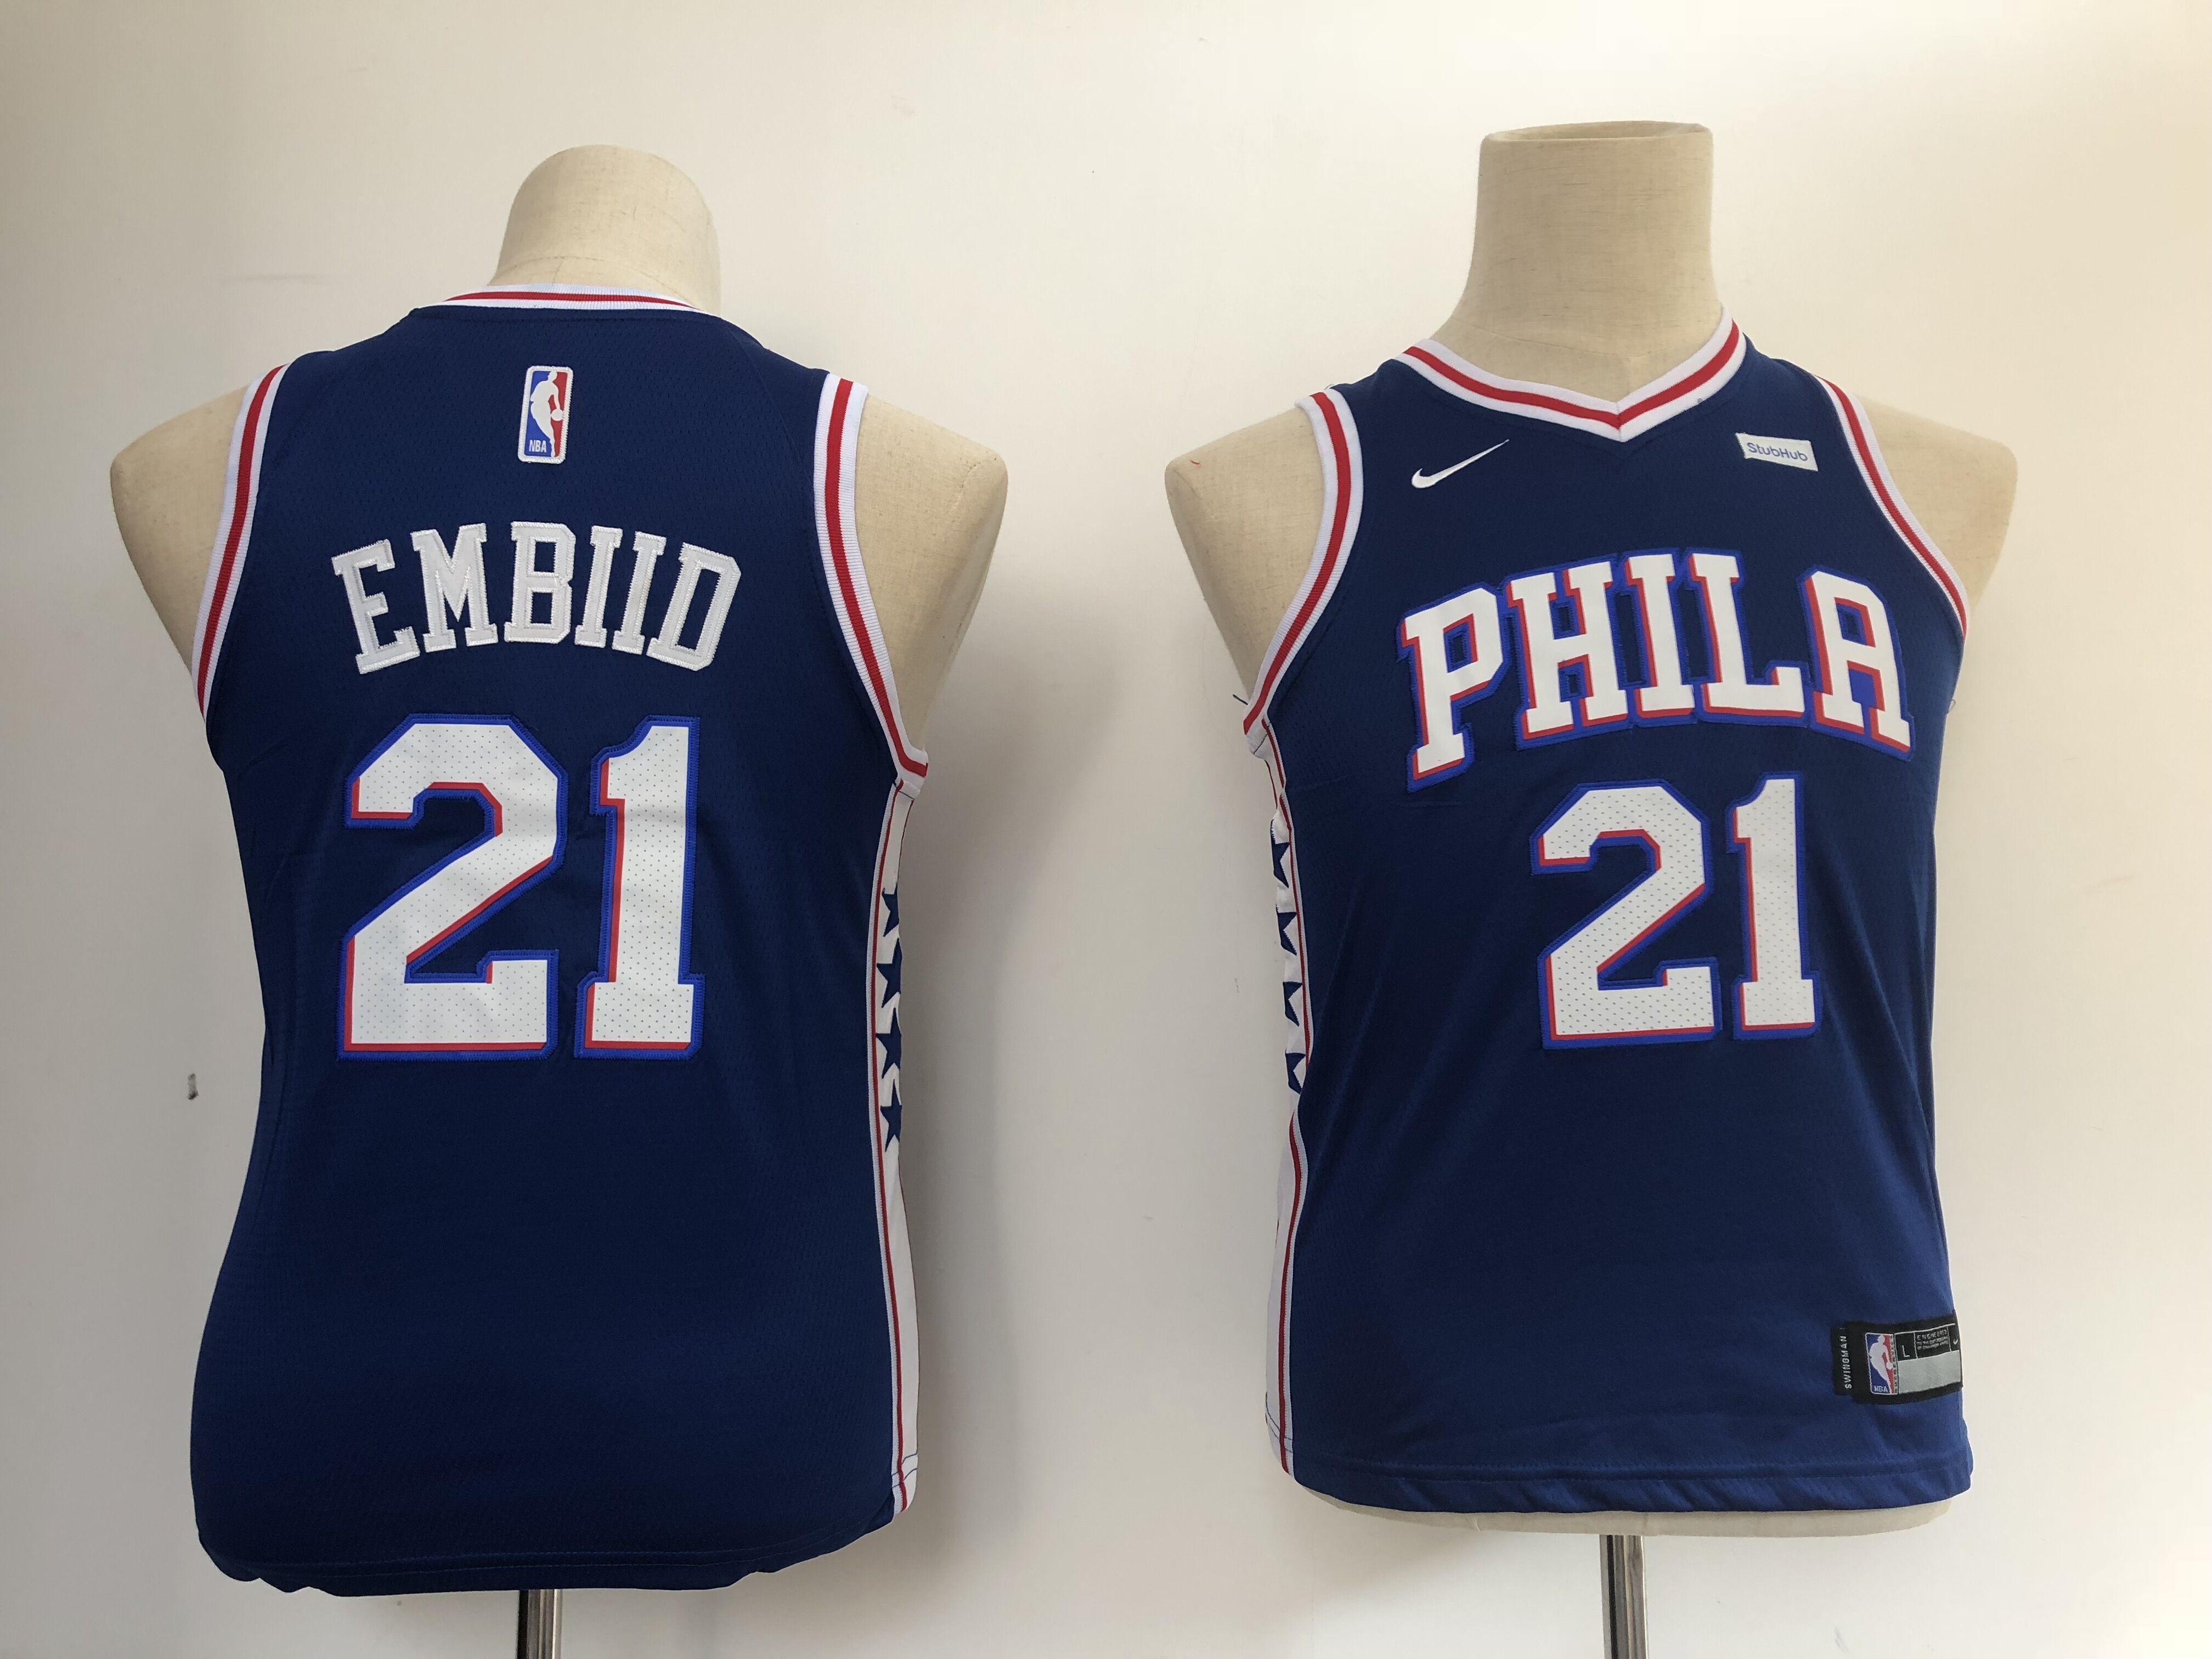 76ers 21 Joel Embiid Blue Youth Nike Swingman Jersey